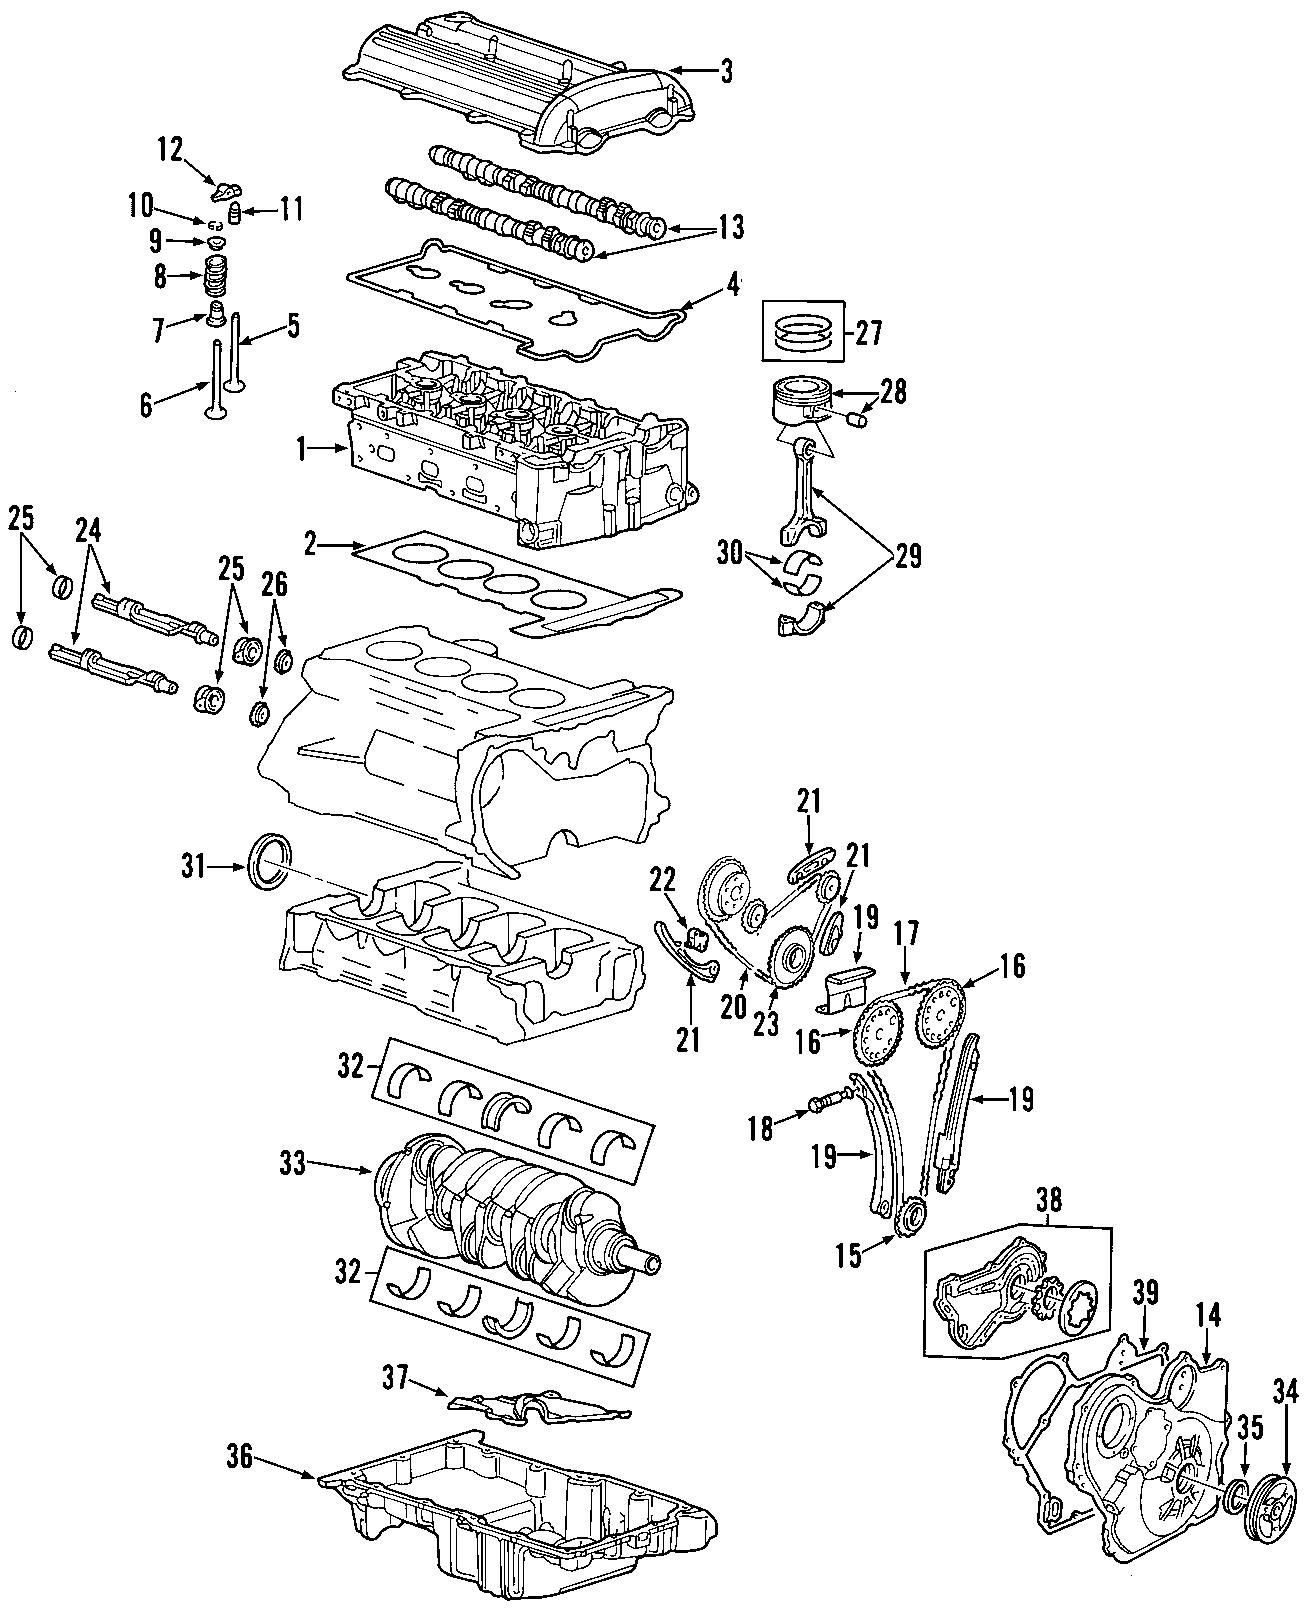 Chevrolet HHR Engine Piston. BEARINGS, VALVES, TIMING